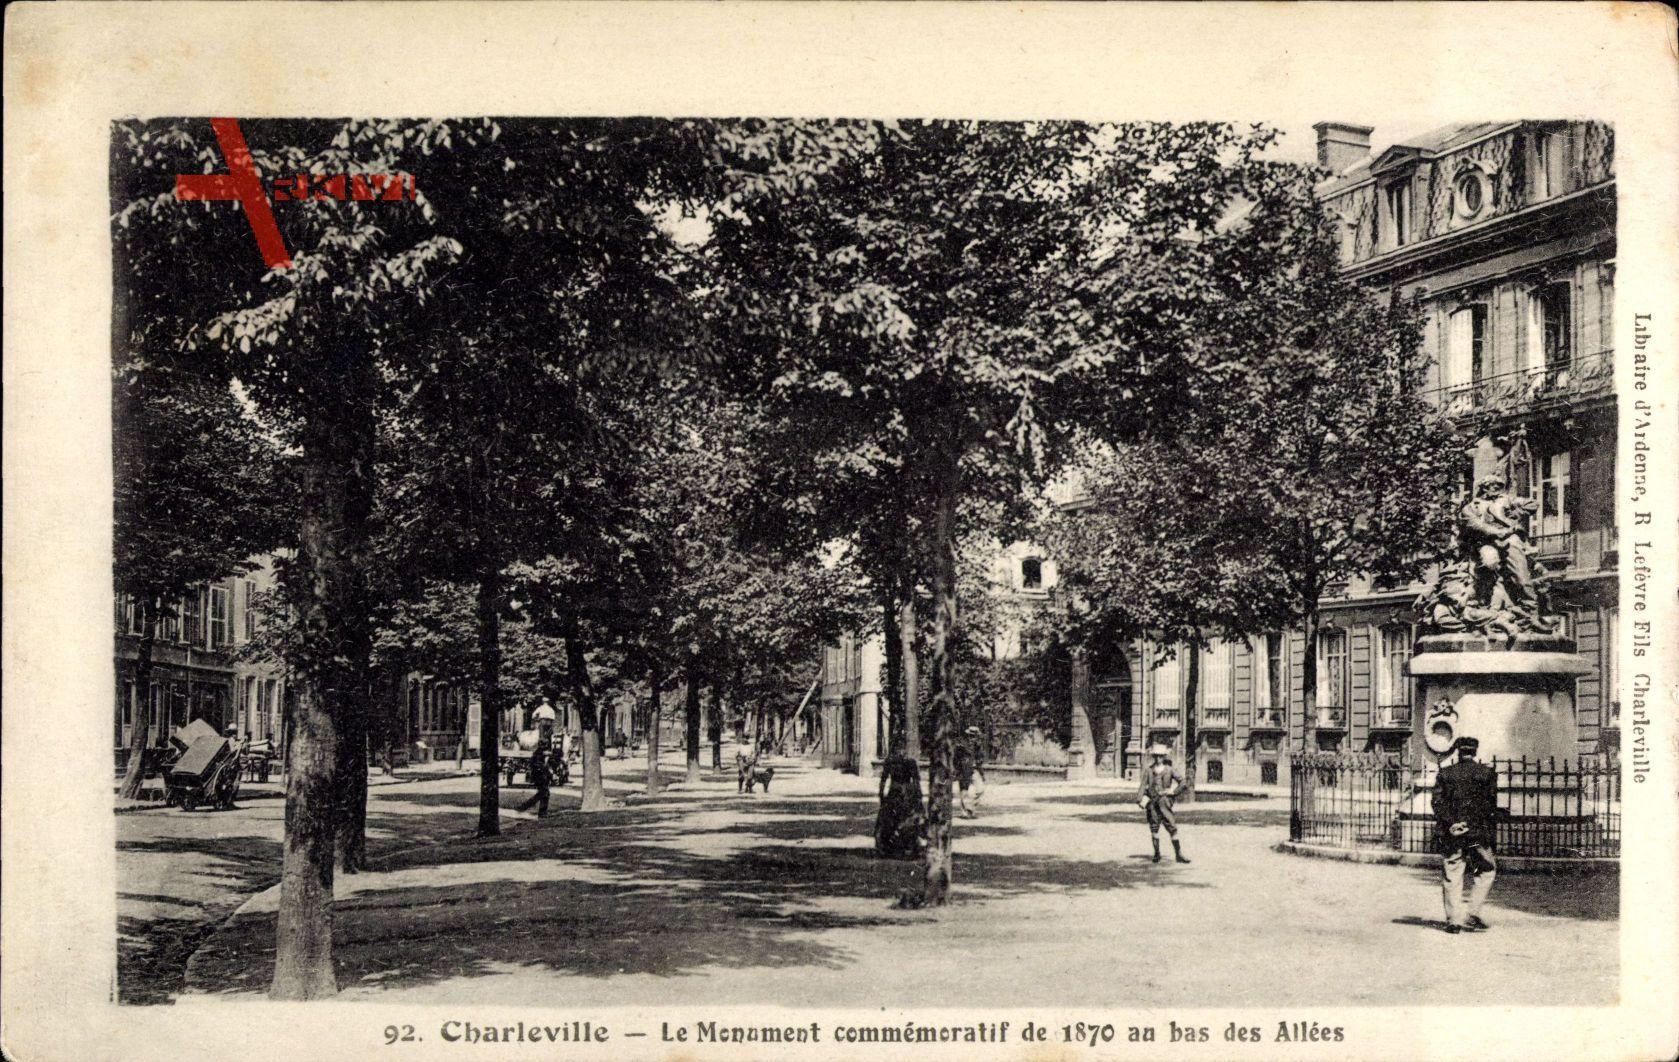 Charleville Ardennes, Le Monument commemoratif de 1870 au bas des Allees